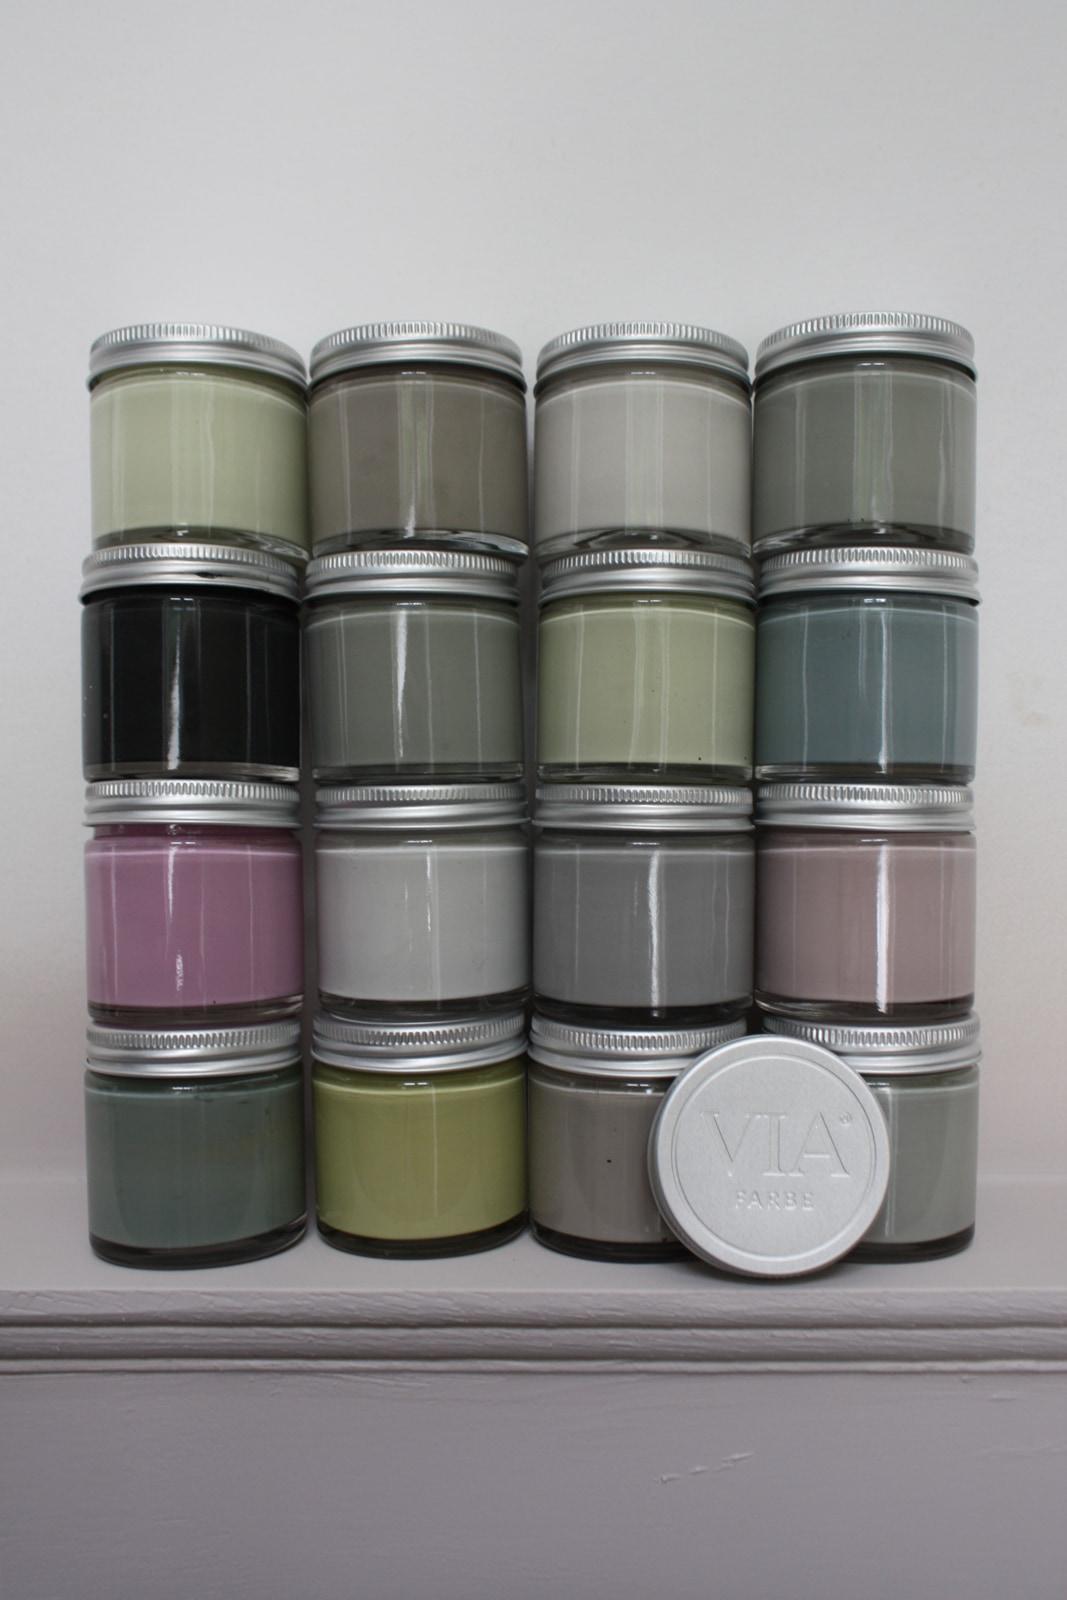 VIA-Kreidefarbe-Gläschen-A